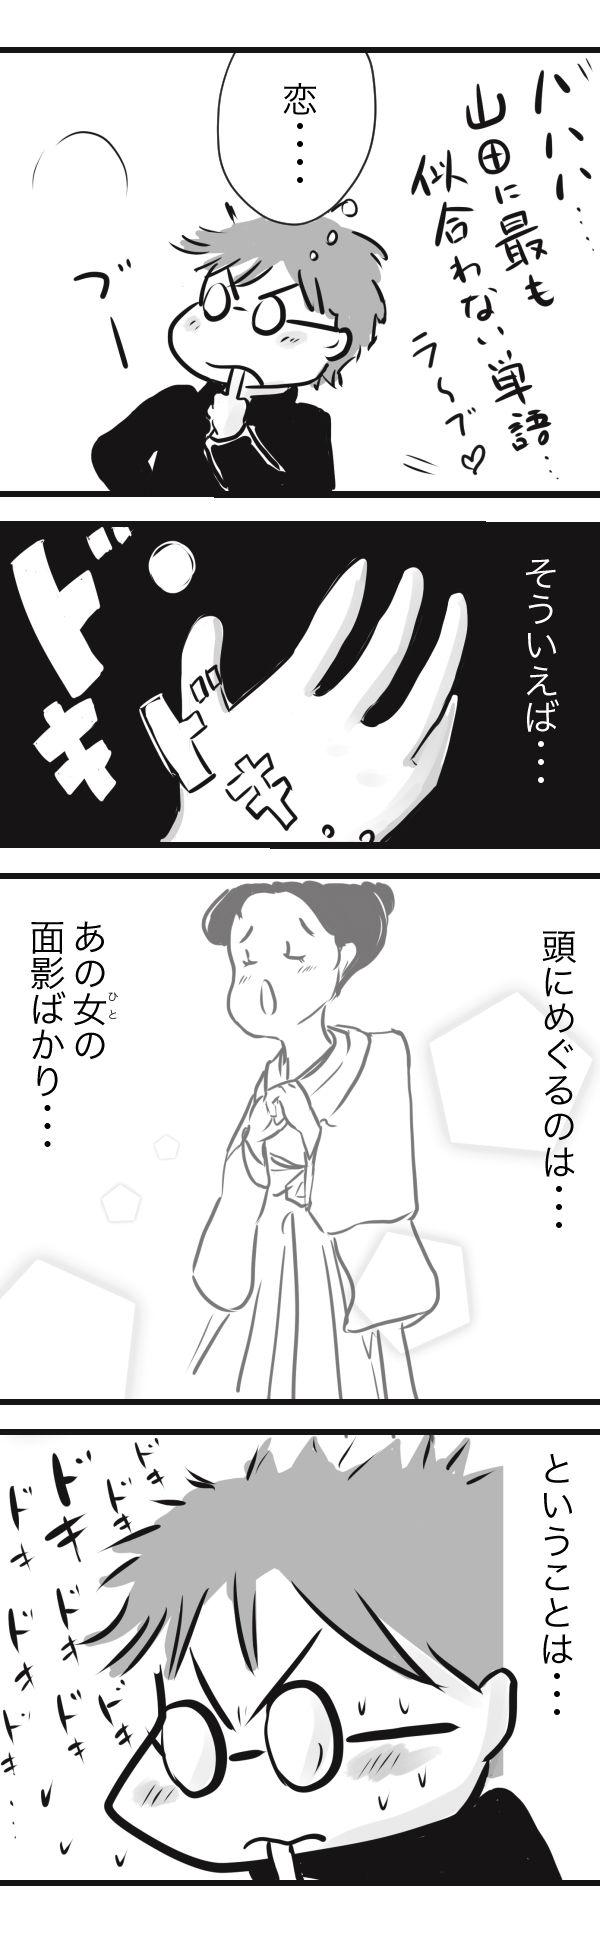 金沢9初恋−2−2−4